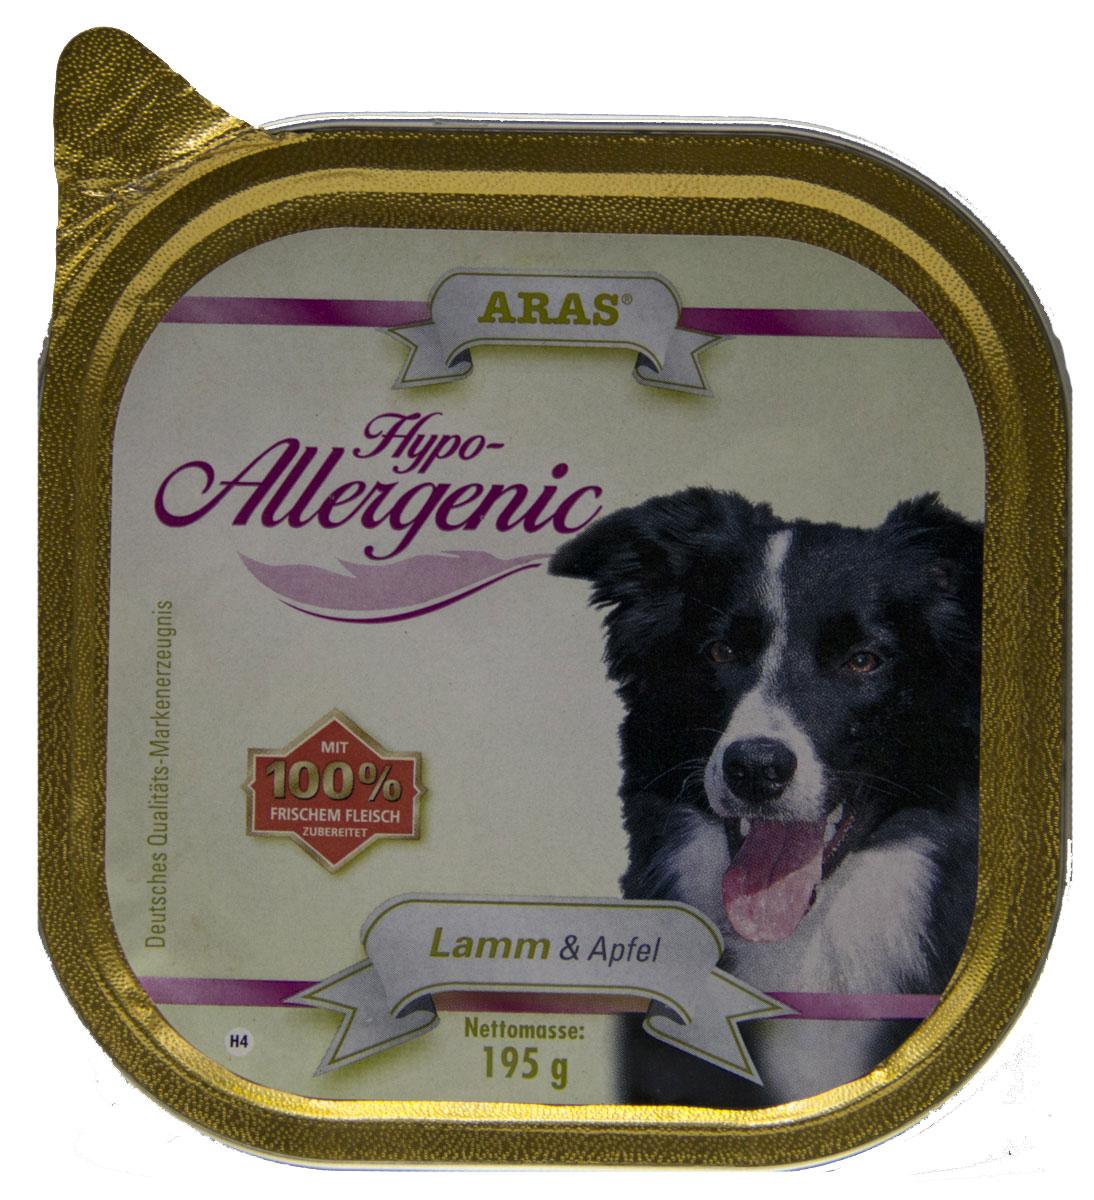 Консервы для собак Aras Hypo-Allergenic, гипоаллергенные, с бараниной и яблоком, 195 г103204Консервы Aras Hypo-Allergenic для собак всех пород и возрастов с признаками пищевой непереносимости. Предназначены для профилактики и лечения аллергических проявлений: расстройство пищеварения, ухудшение состояния шерсти и кожи, перхоть и зуд, хроническая диарея и рвота, аллергические реакции. Подходят для кормления пожилых собак. Корм не содержит пшеницу, ячмень, рожь, кукурузу и овес, способные вызывать аллергию у собак из-за наличия в них глютена. Изготовлен без сои и кукурузы, не содержит никаких синтетических добавок, благодаря этому корм очень хорошо усваивается организмом. Состав: свежая баранина и субпродукты (печень, сердце, легкое) 85,5%, свежее яблоко 14,5%. Пищевая ценность: белки 8,9%, жиры 6,4%, зола 1,6%, клетчатка 0,7%, влажность 79,6%. Товар сертифицирован.